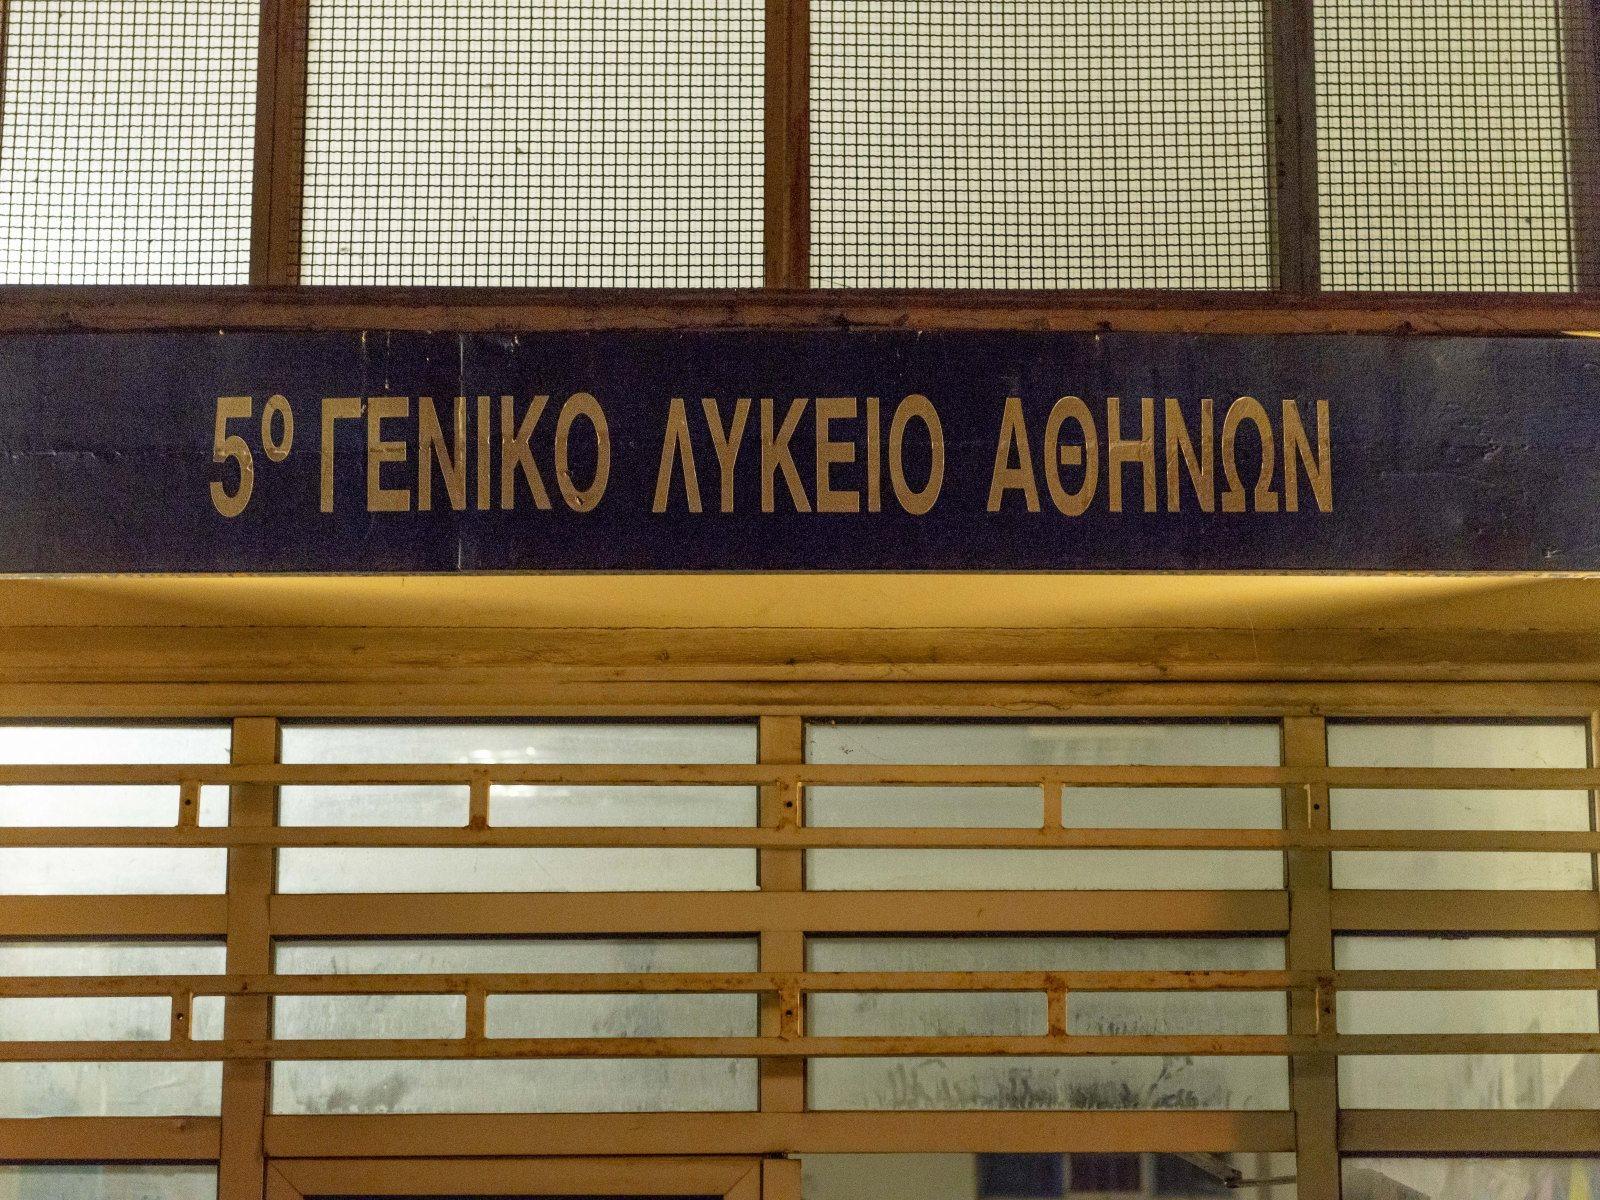 se-143-anerchontai-oi-allodapoi-poy-vrethikan-sto-ktirio-poy-ekkenothike-sta-exarcheia-fotografies3